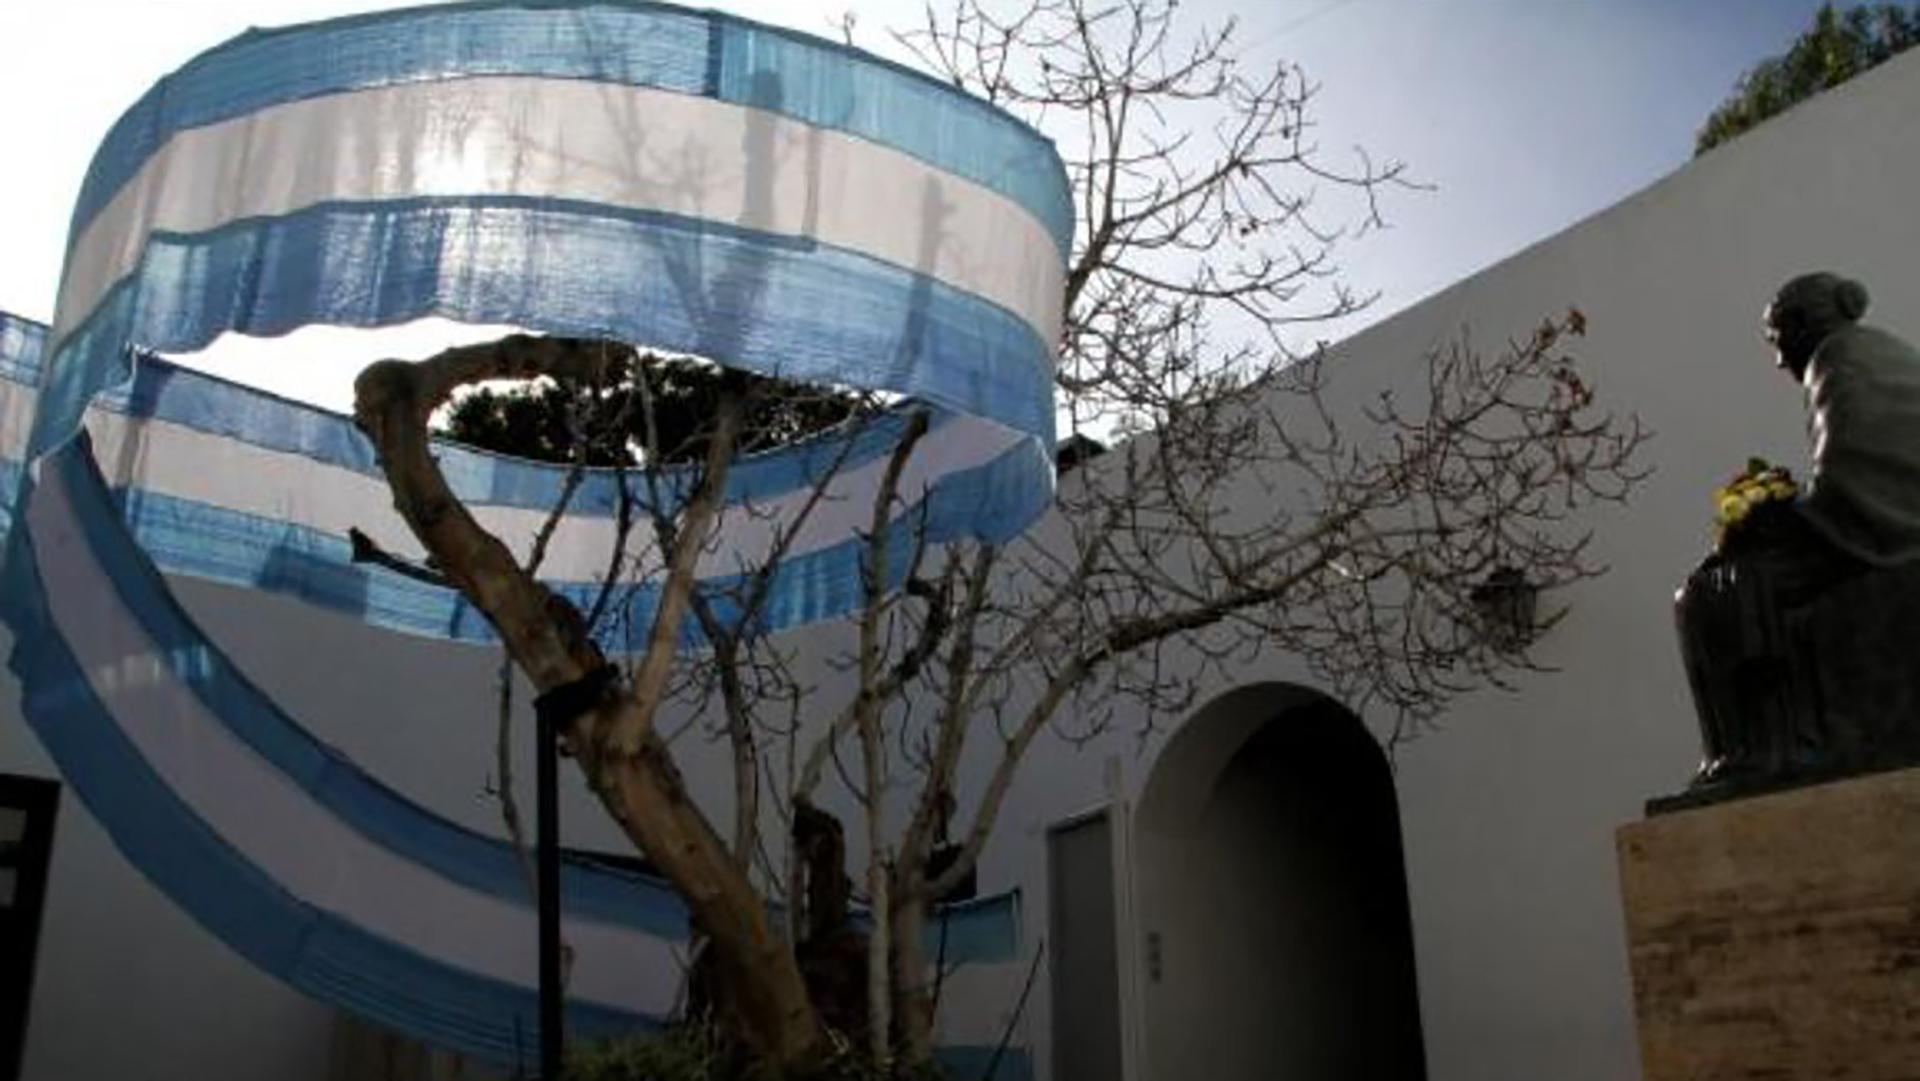 Museo Histórico Sarmiento, calle cuba al 2000